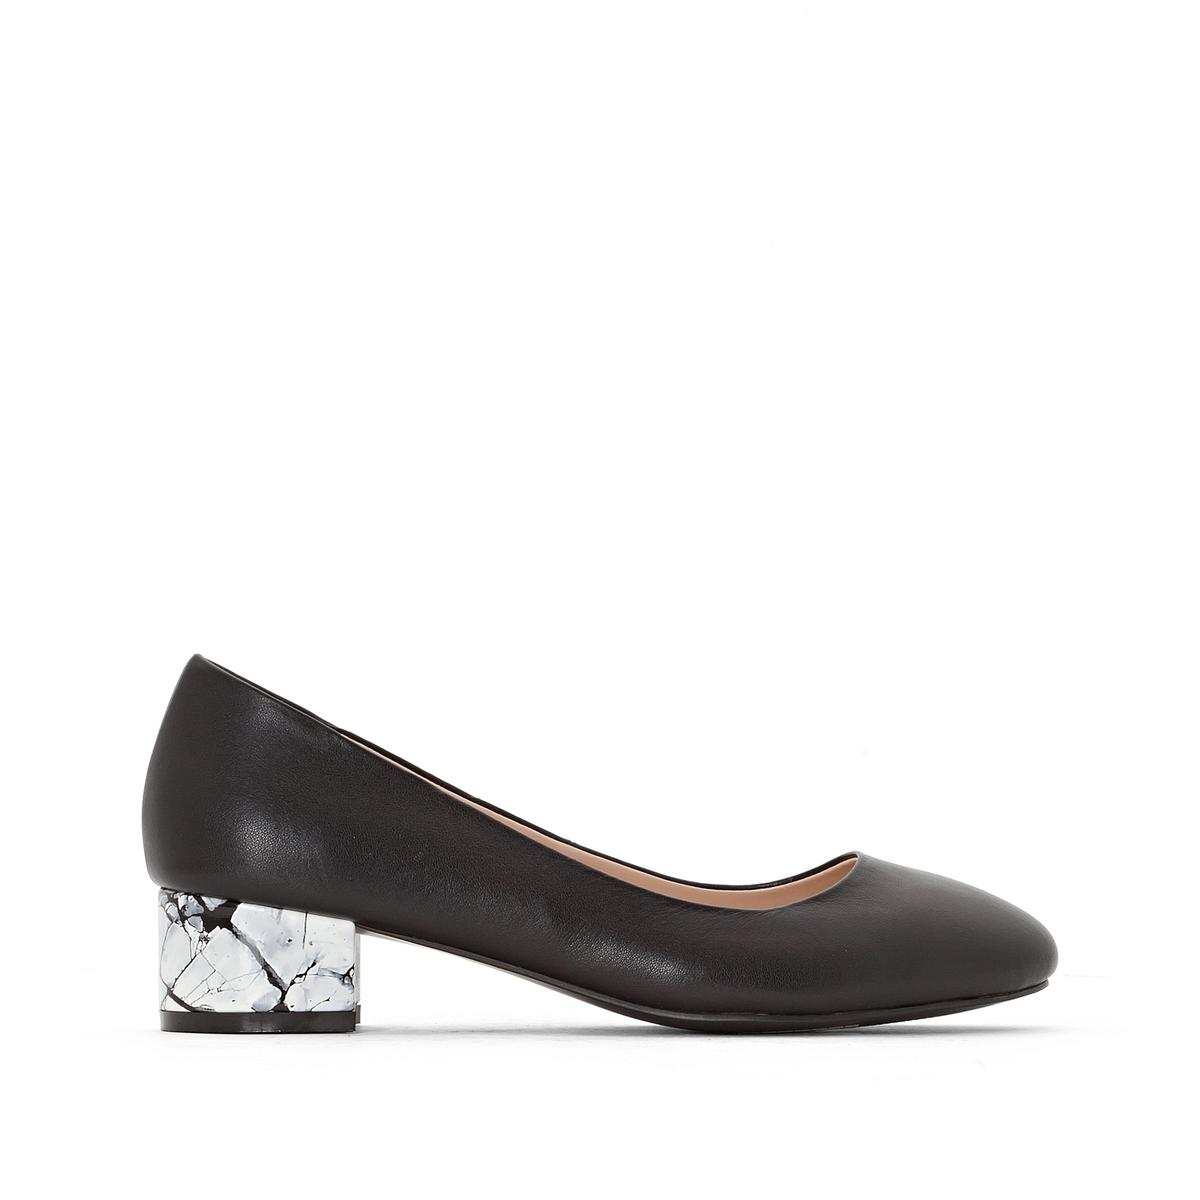 Балетки из кожи на оригинальном каблукеМарка : CASTALUNA.Модель подходит : для широкой ступни.Верх : кожа.Подкладка : полиуретан.Стелька : кожа.Подошва : эластомер.Каблук  : 4 см.Преимущества : оригинальный каблук .<br><br>Цвет: черный<br>Размер: 41.42.38.39.40